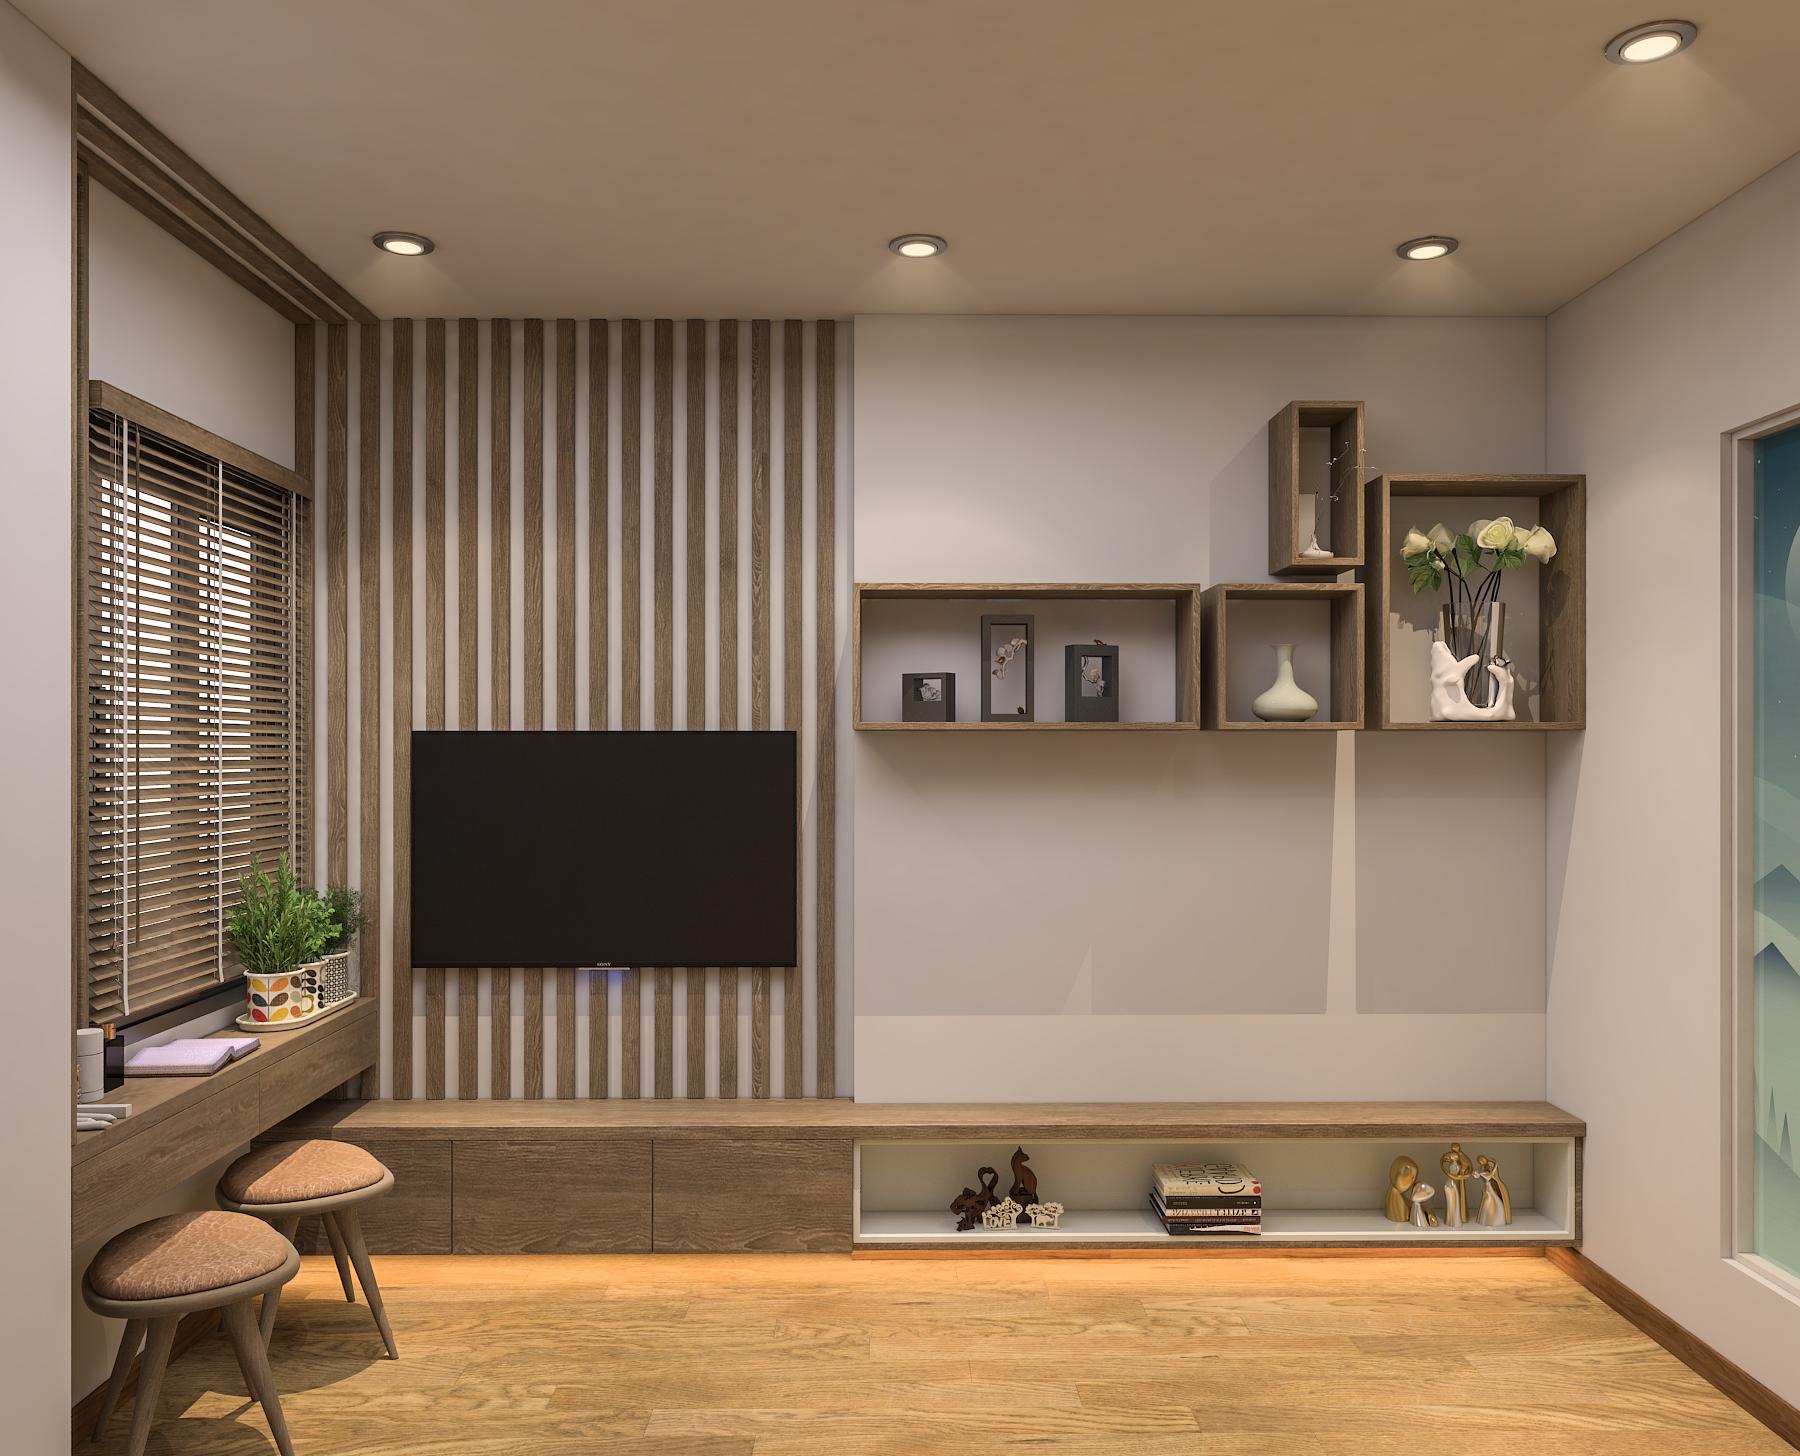 thiết kế nội thất chung cư tại Hà Nội Nội thất golden west 4 1533866920